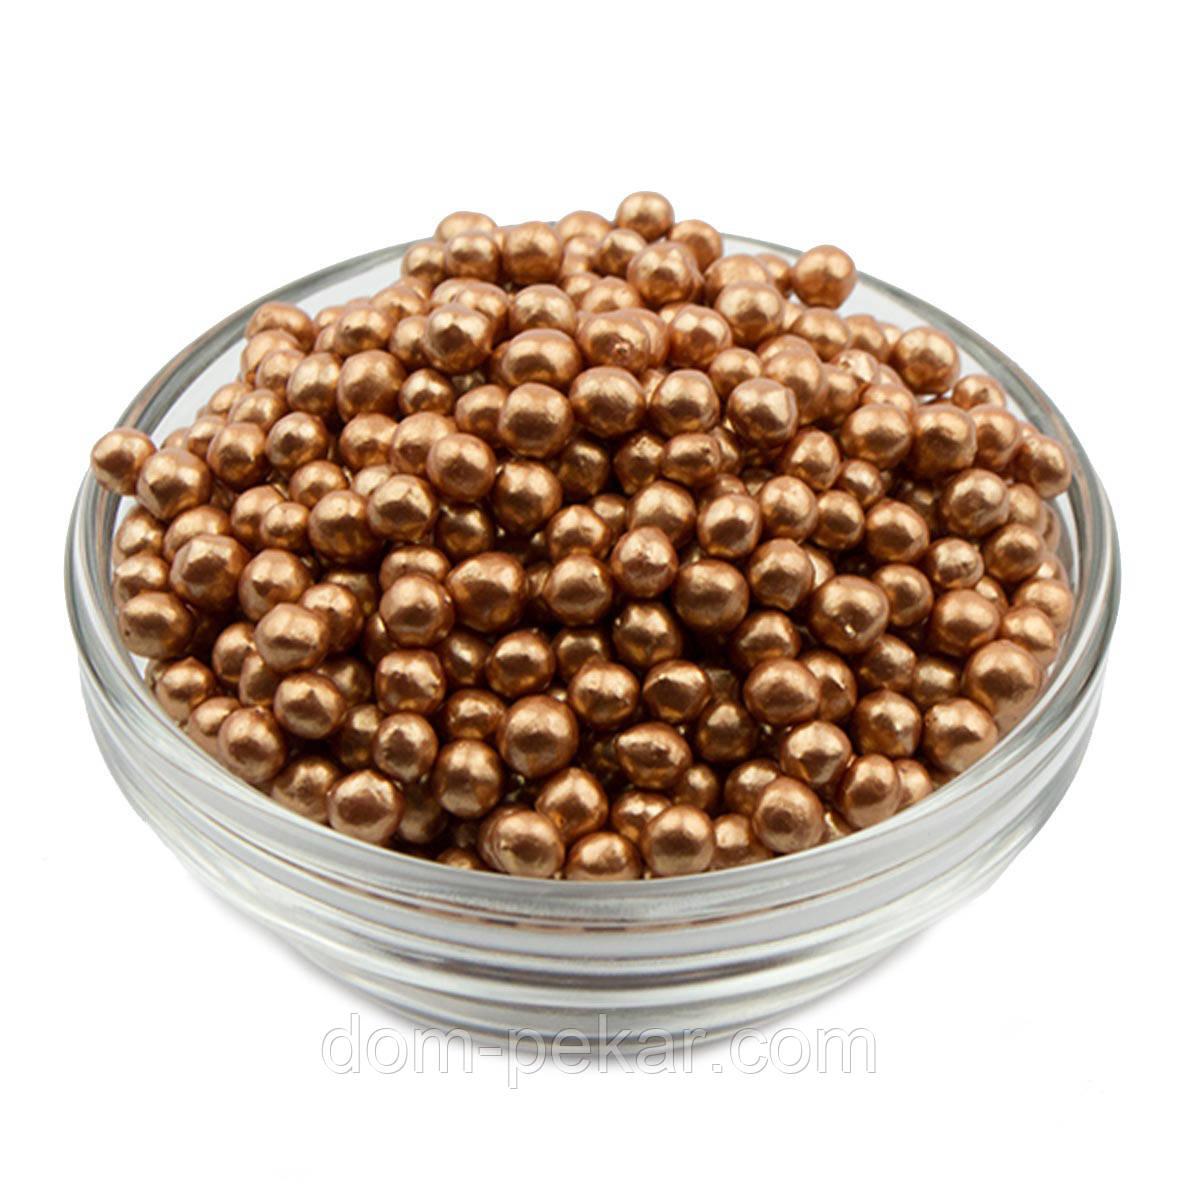 Рисовые шарики глазированные Бронза (100 гр.)